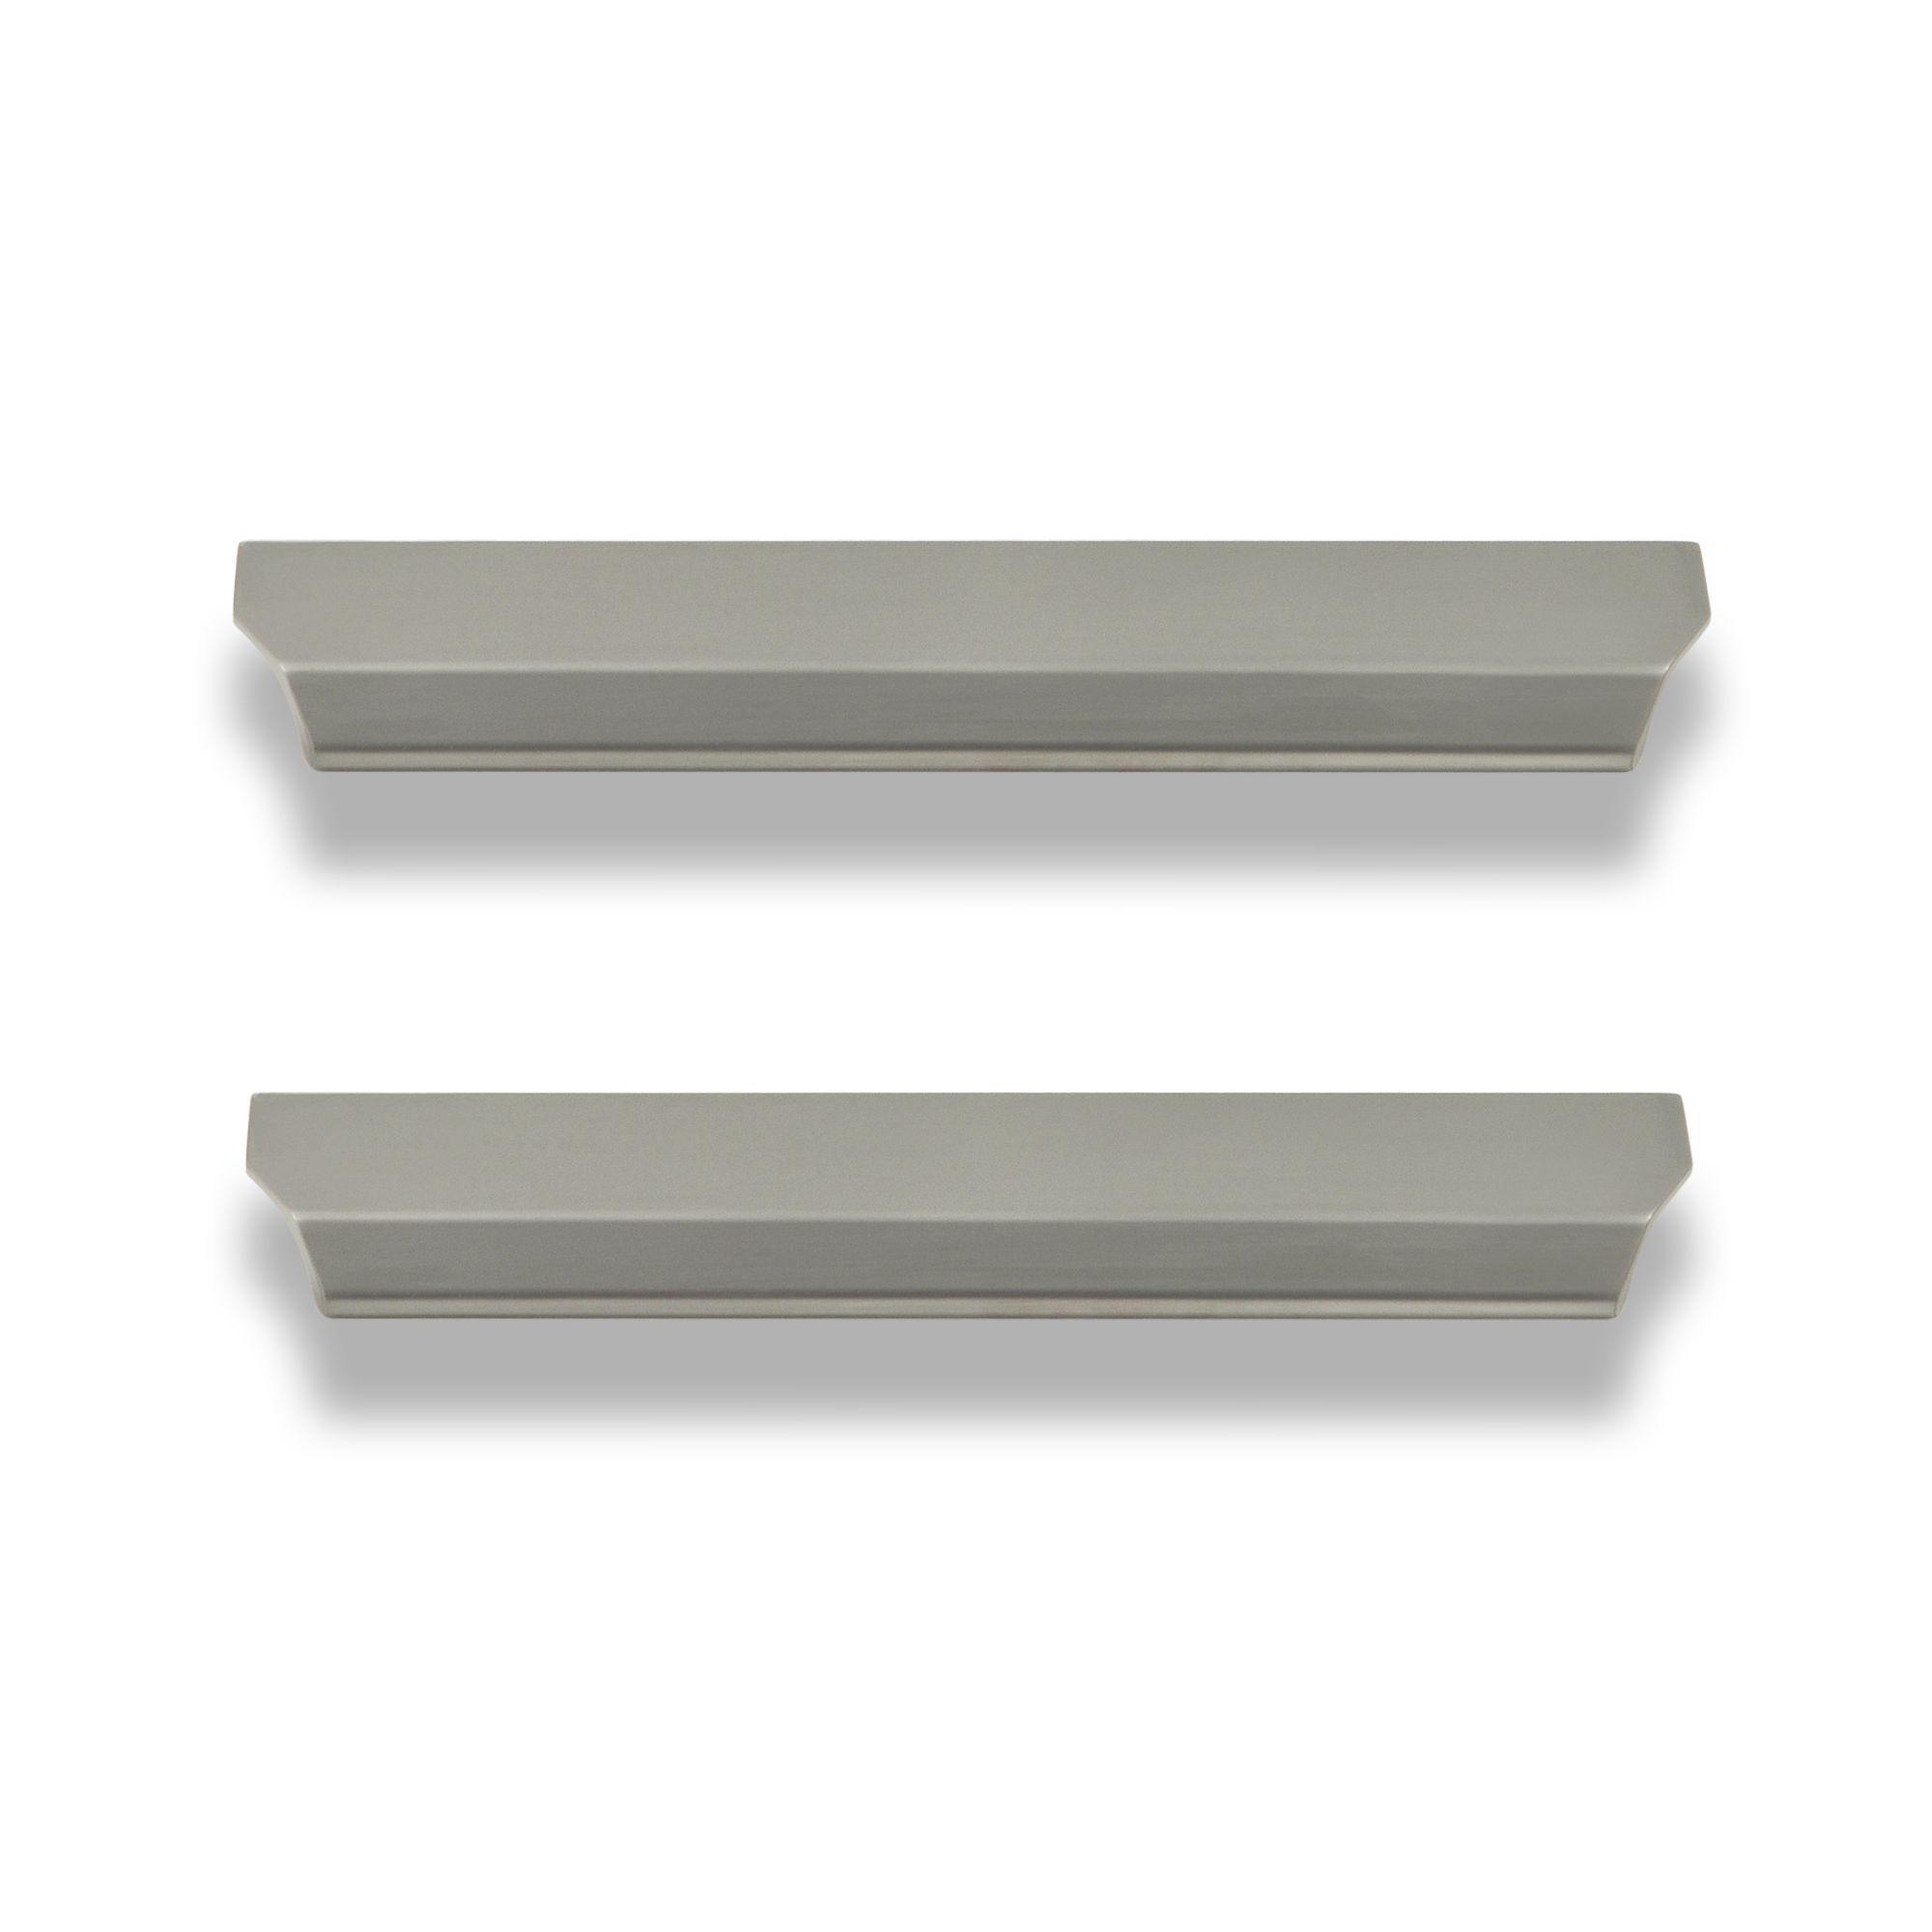 Darwin Stainless Steel Effect Bedroom Handle Cabinet Door Knob